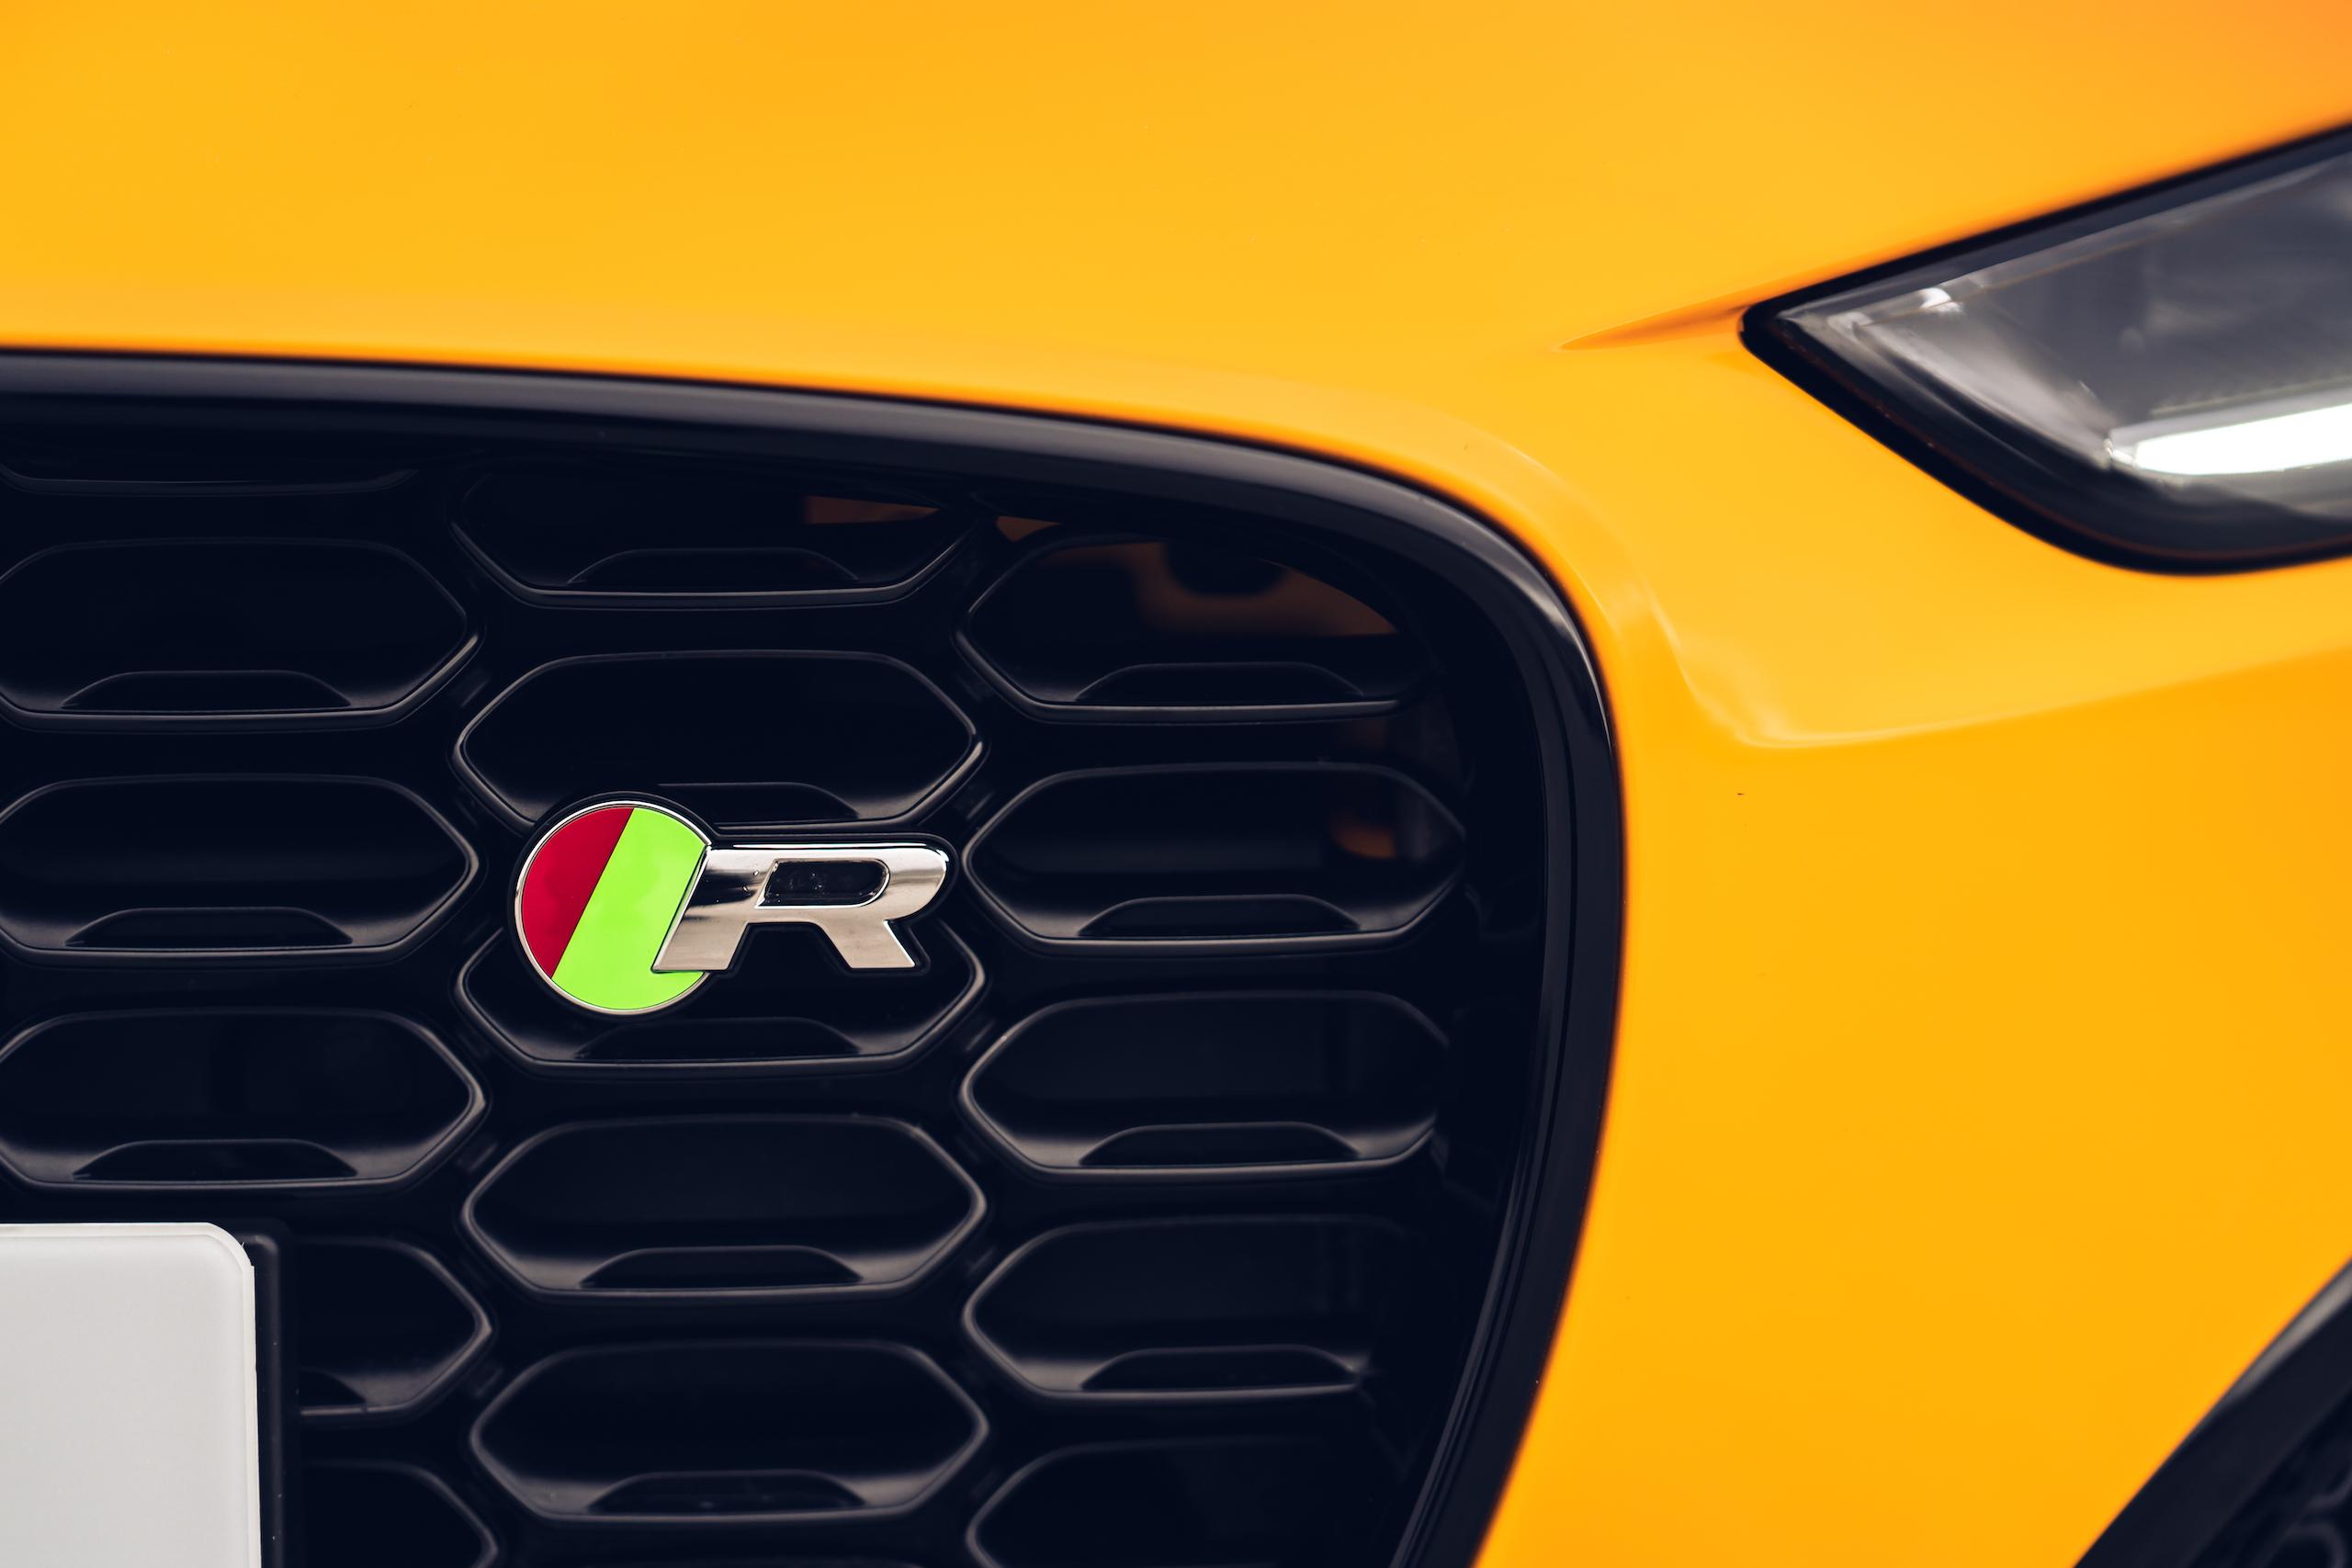 2021 Jaguar F-TYPE_R Coupe front grille detail